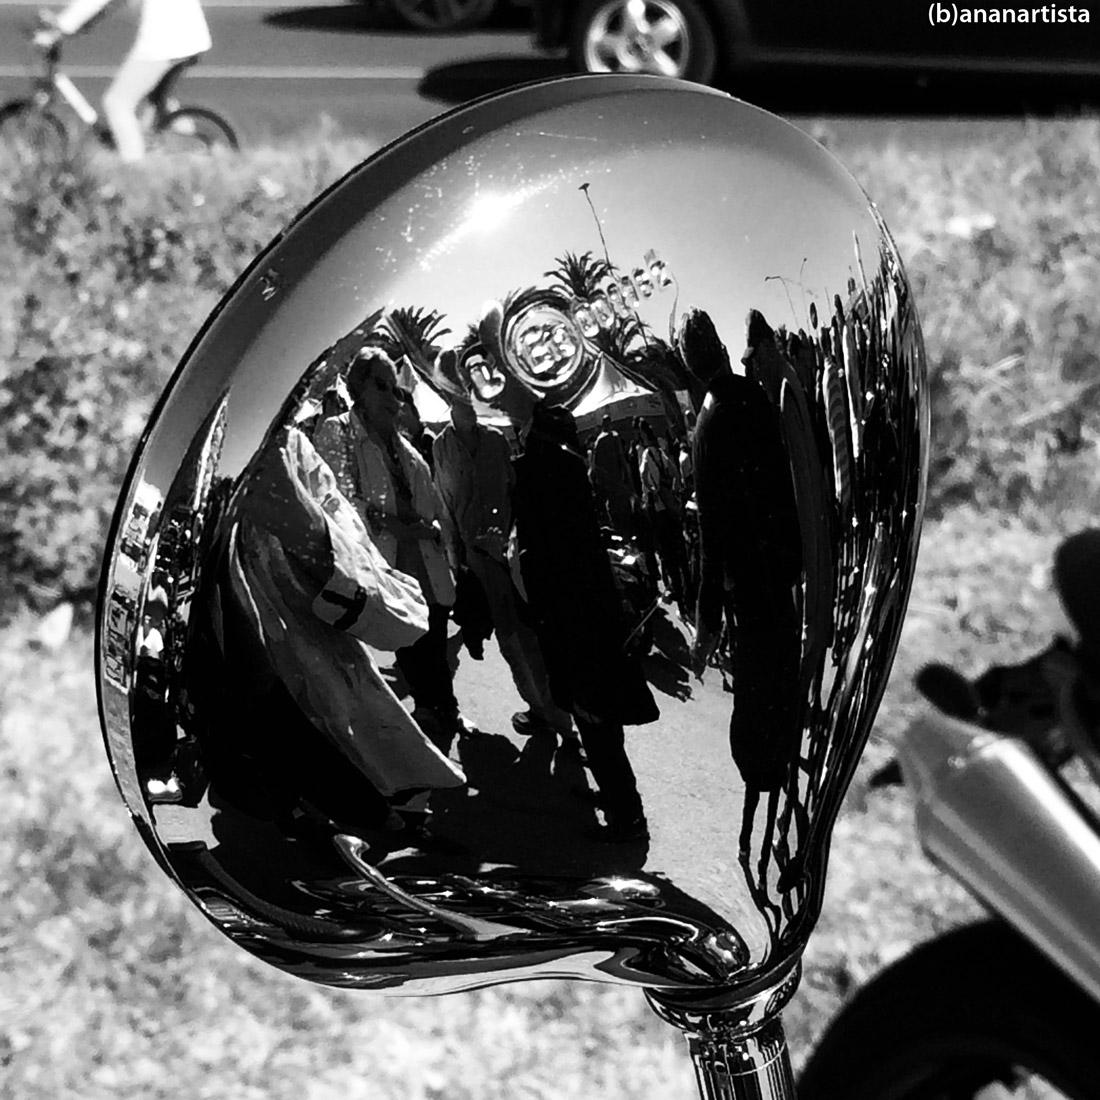 specchio delle mie brame: fotografia di (b)ananartista sbuff